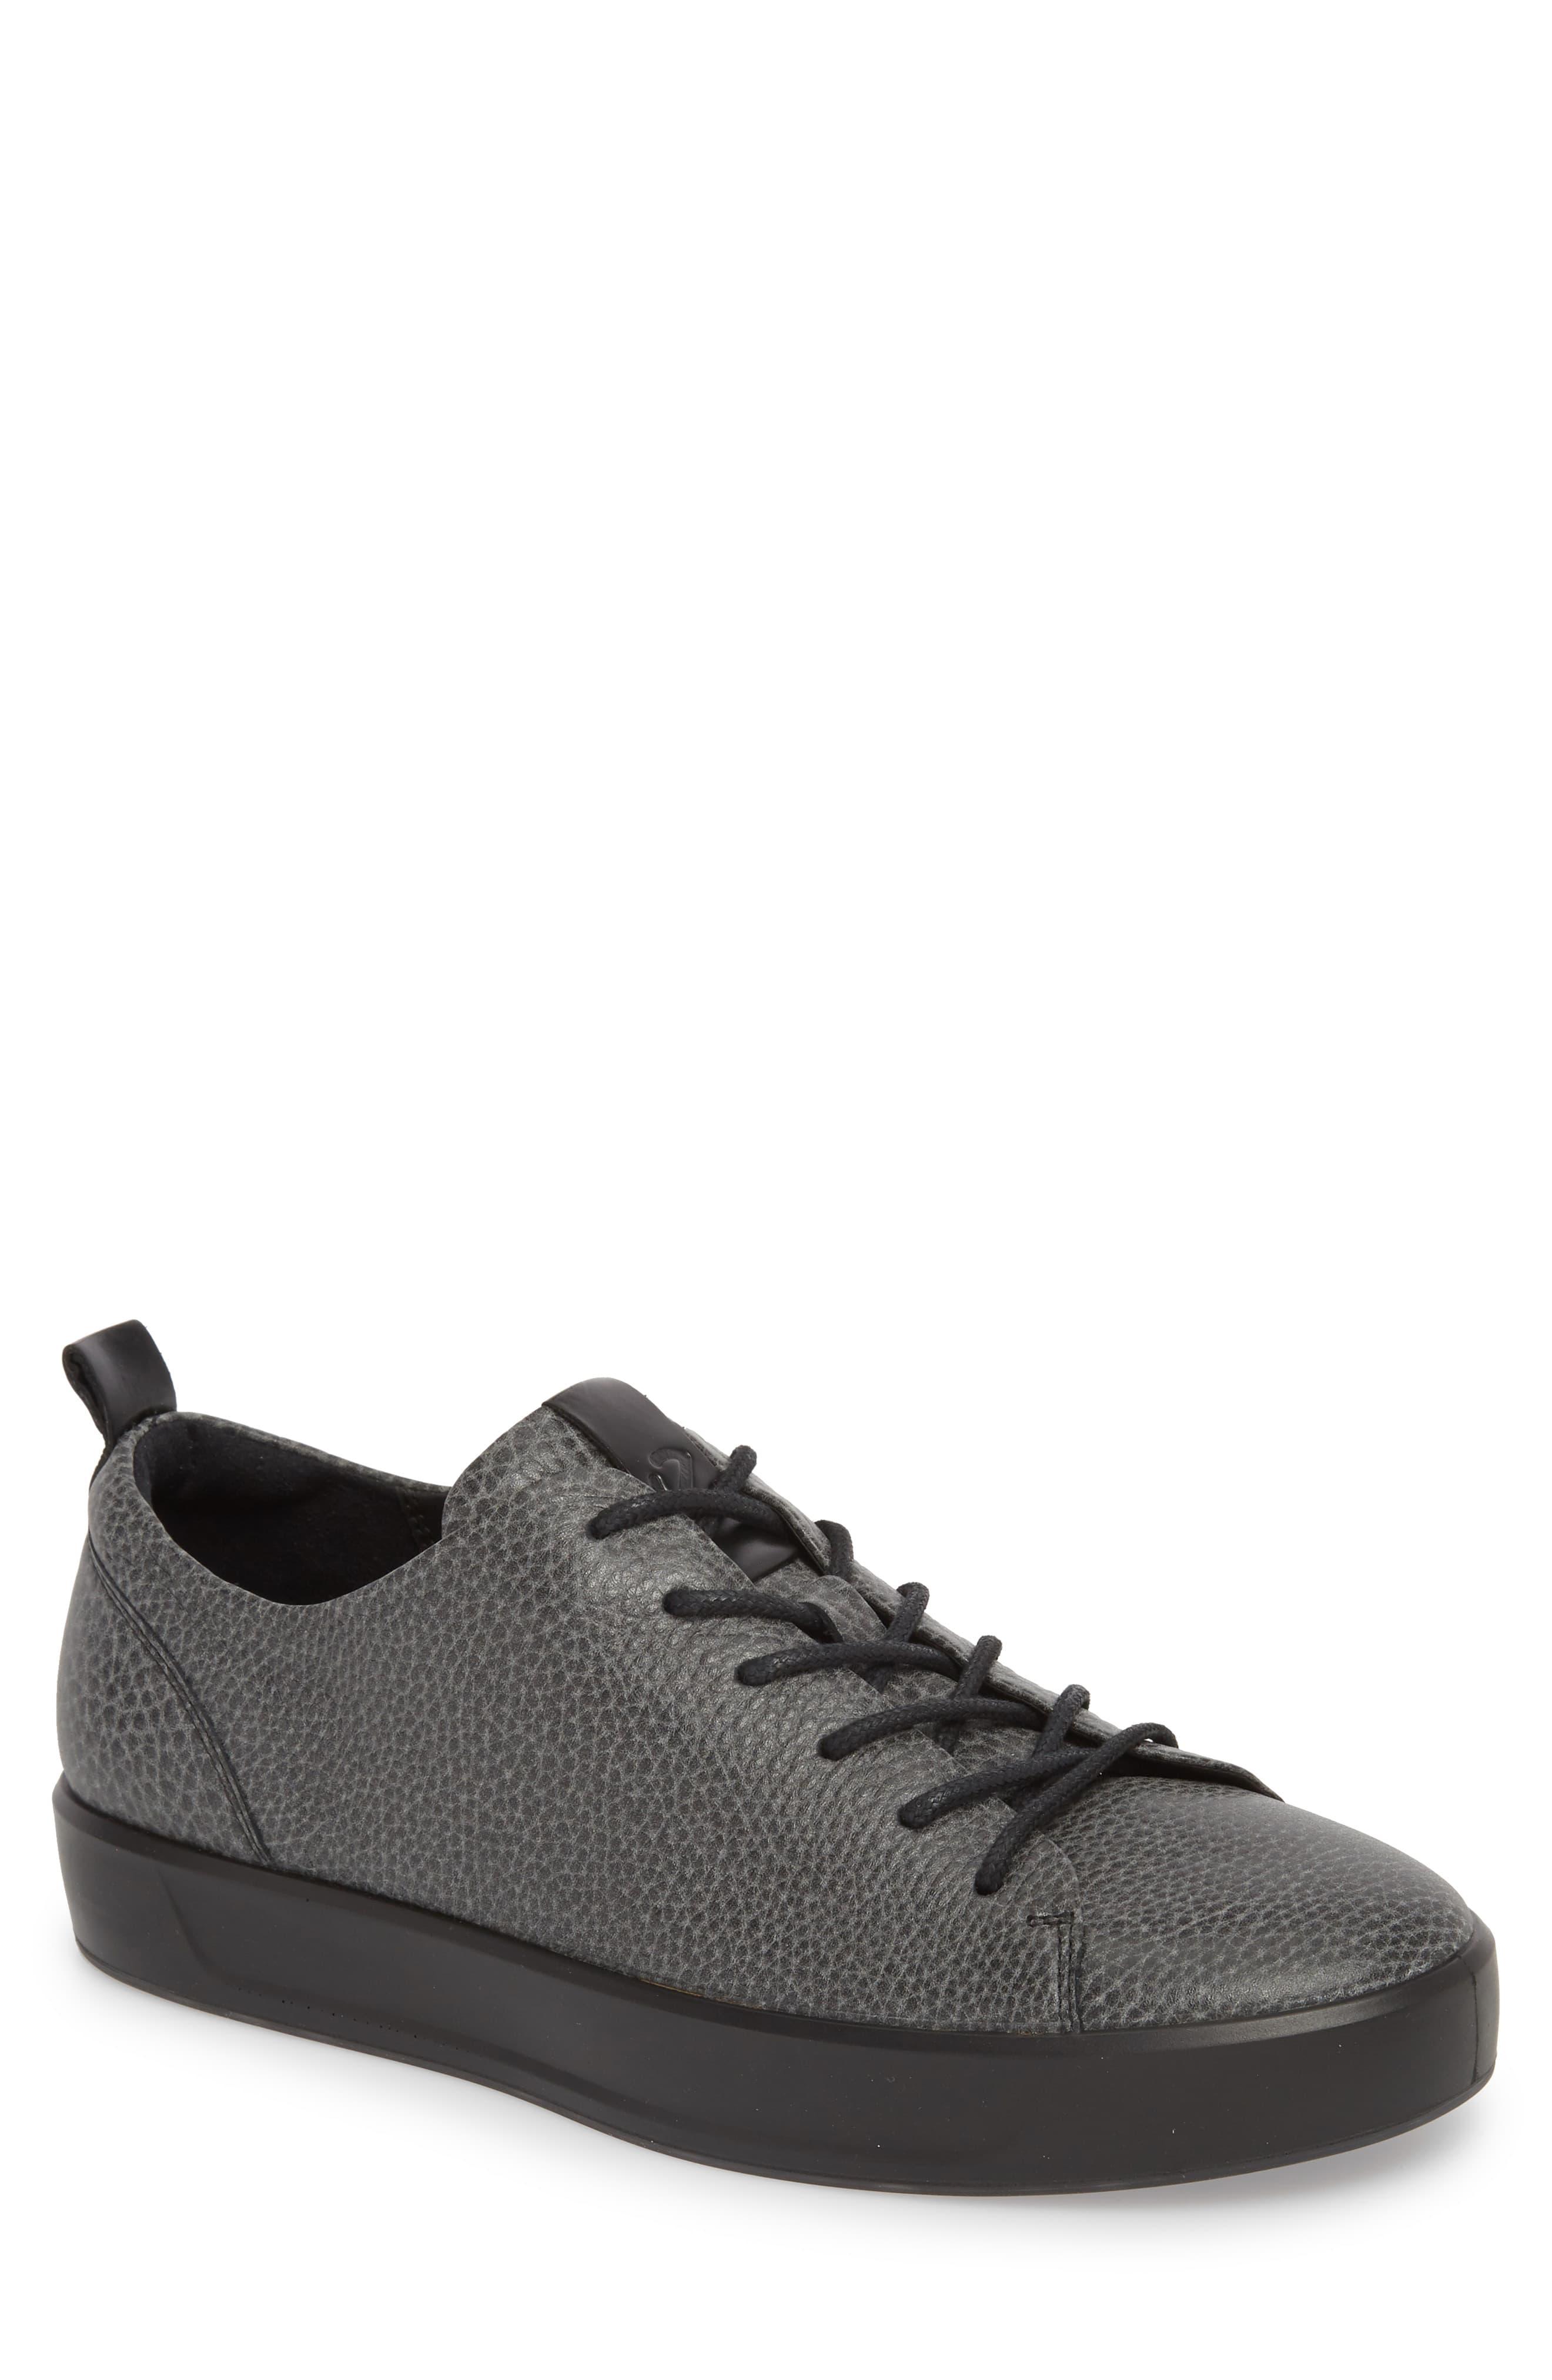 Men's Ecco Soft 8 Tie Ii Low Top Sneaker, Size 7 7.5US